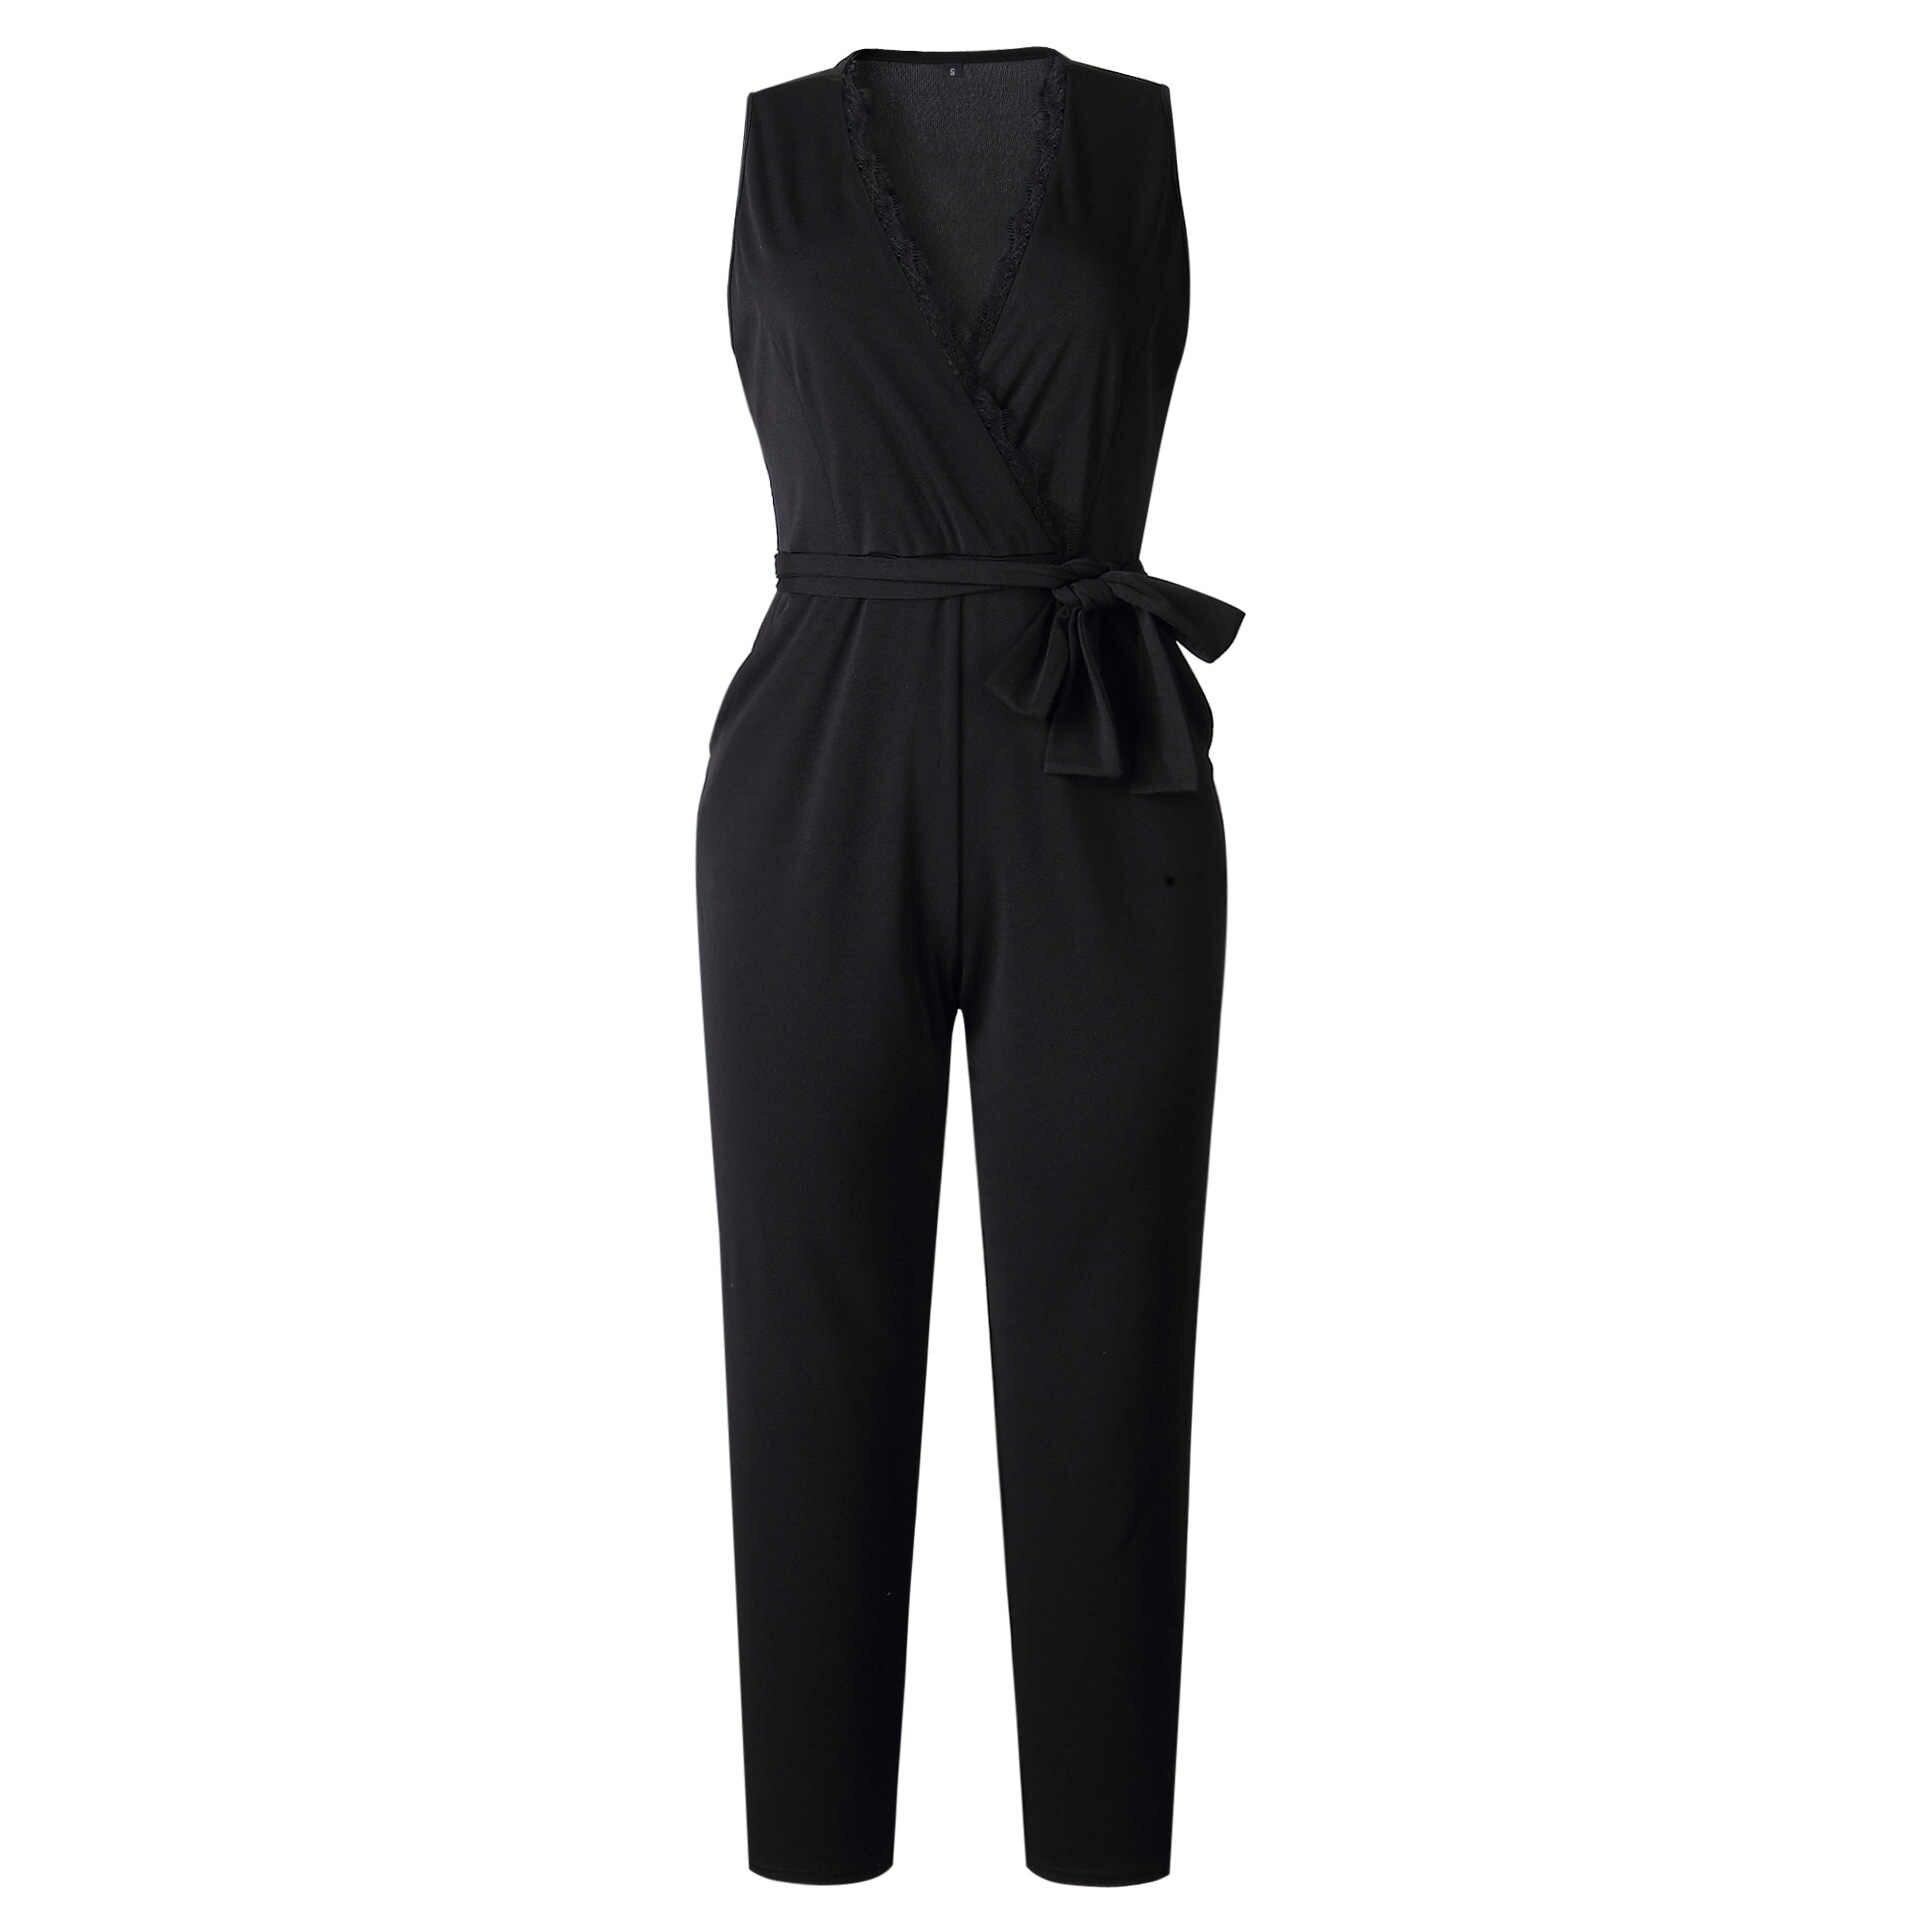 Модный комбинезон, Женская Сексуальная рубашка без рукавов, черный v-образный вырез, ремень, Повседневный, Vestidos, элегантный, с карманами, кружевной комбинезон, N328